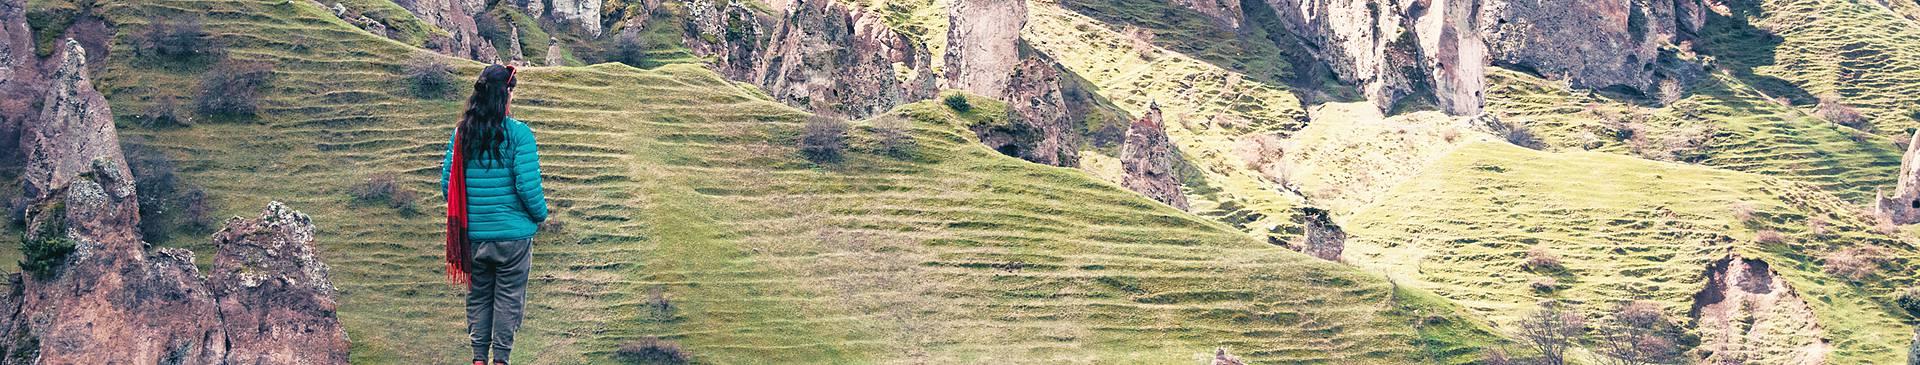 Solo trips in Armenia